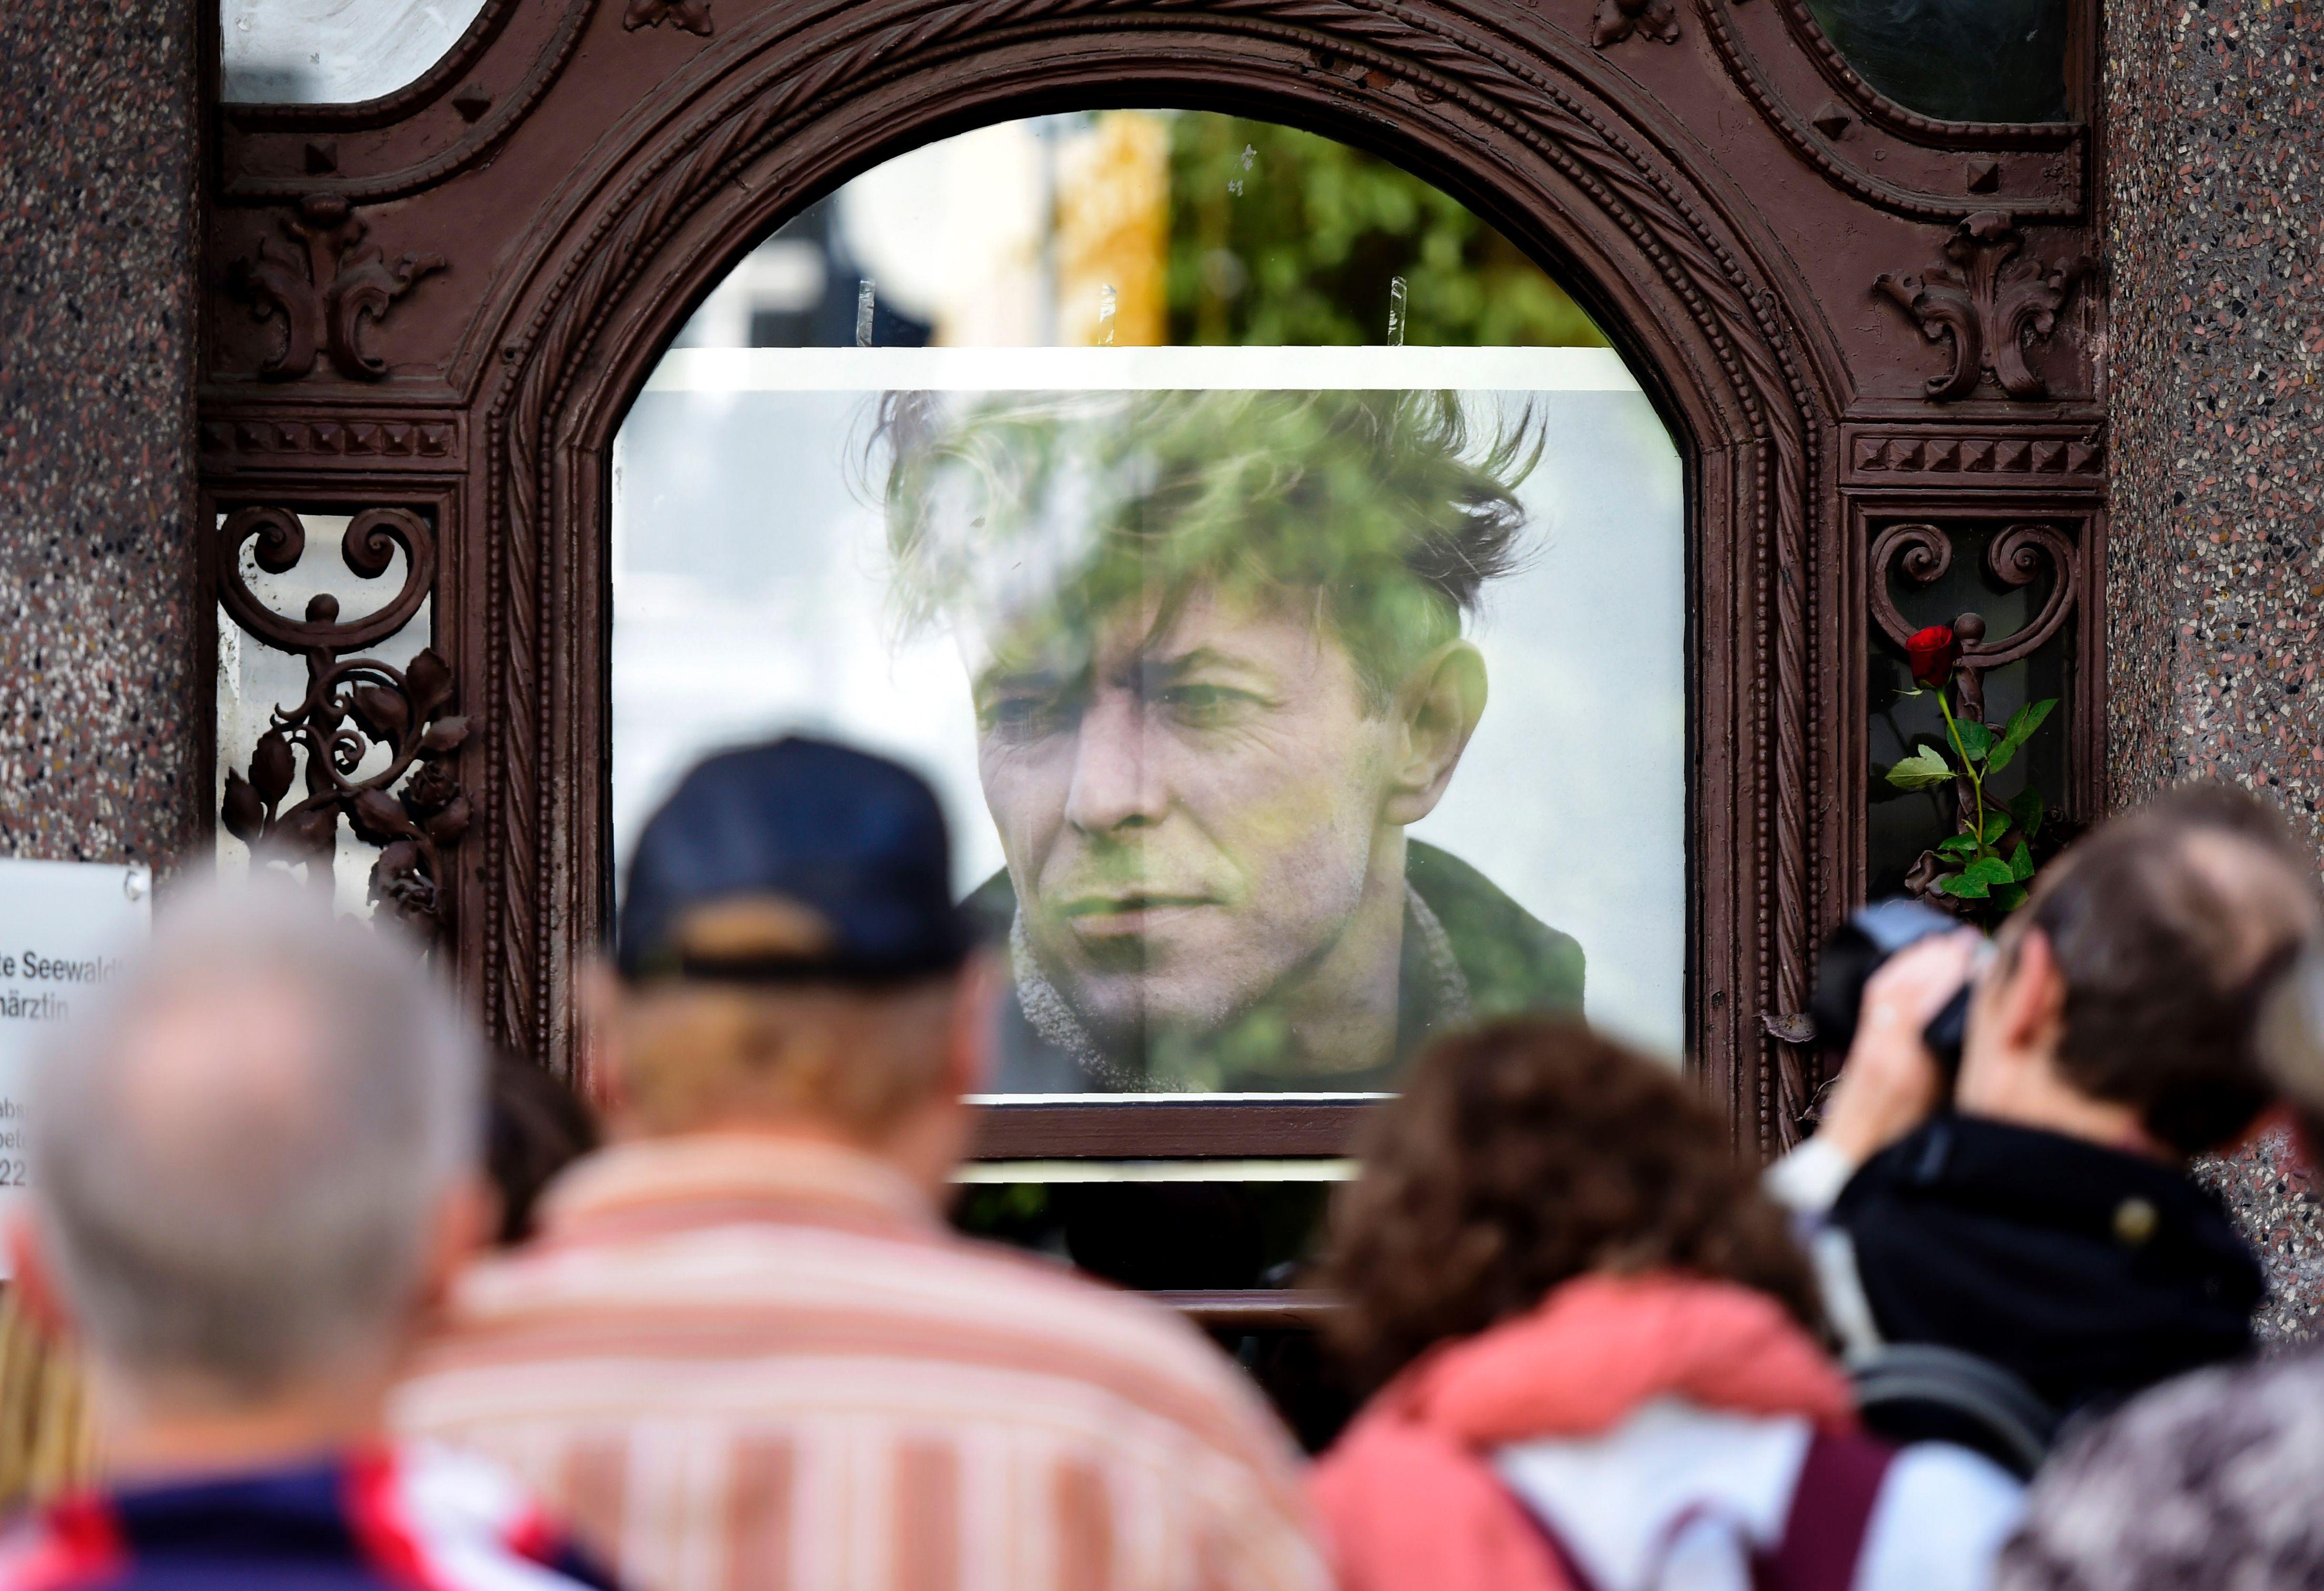 Viele Bowie-Fans freuten sich, als erste die Gedenktafel in Schöneberg zu erblicken